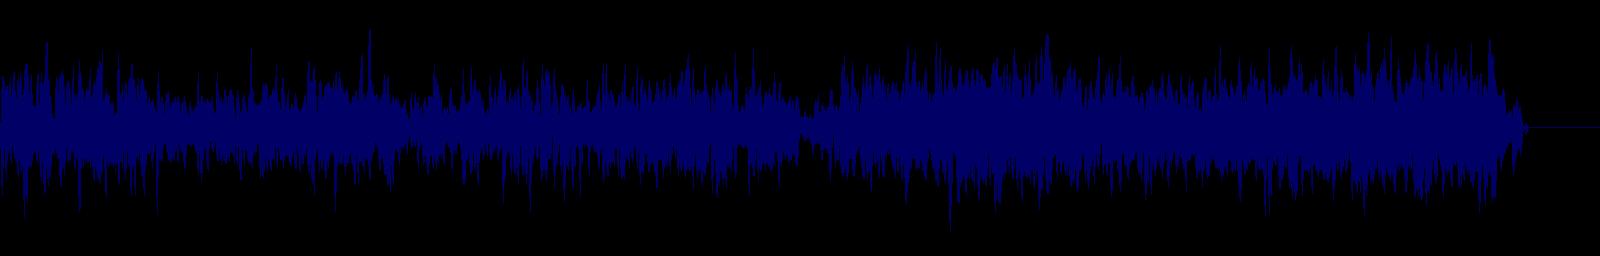 waveform of track #159352